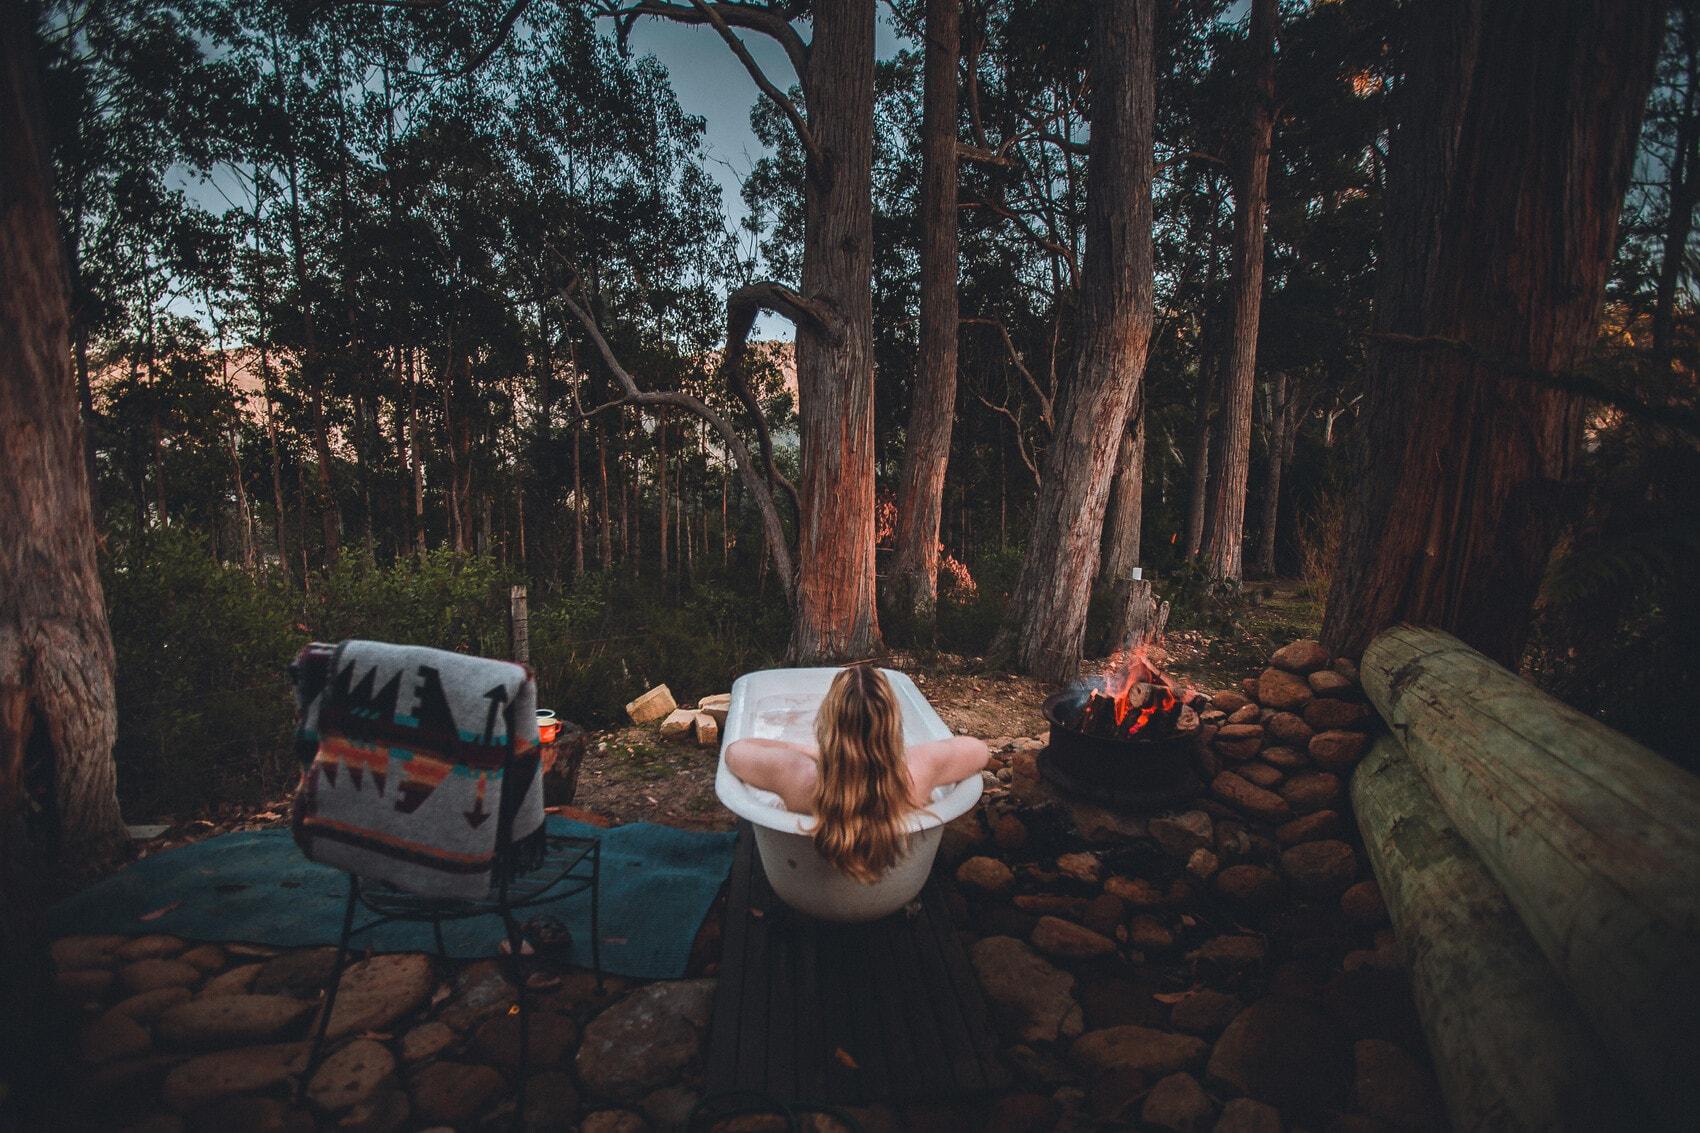 Outdoor-Badewanne im Left of field Caravan Park, Tasmanien